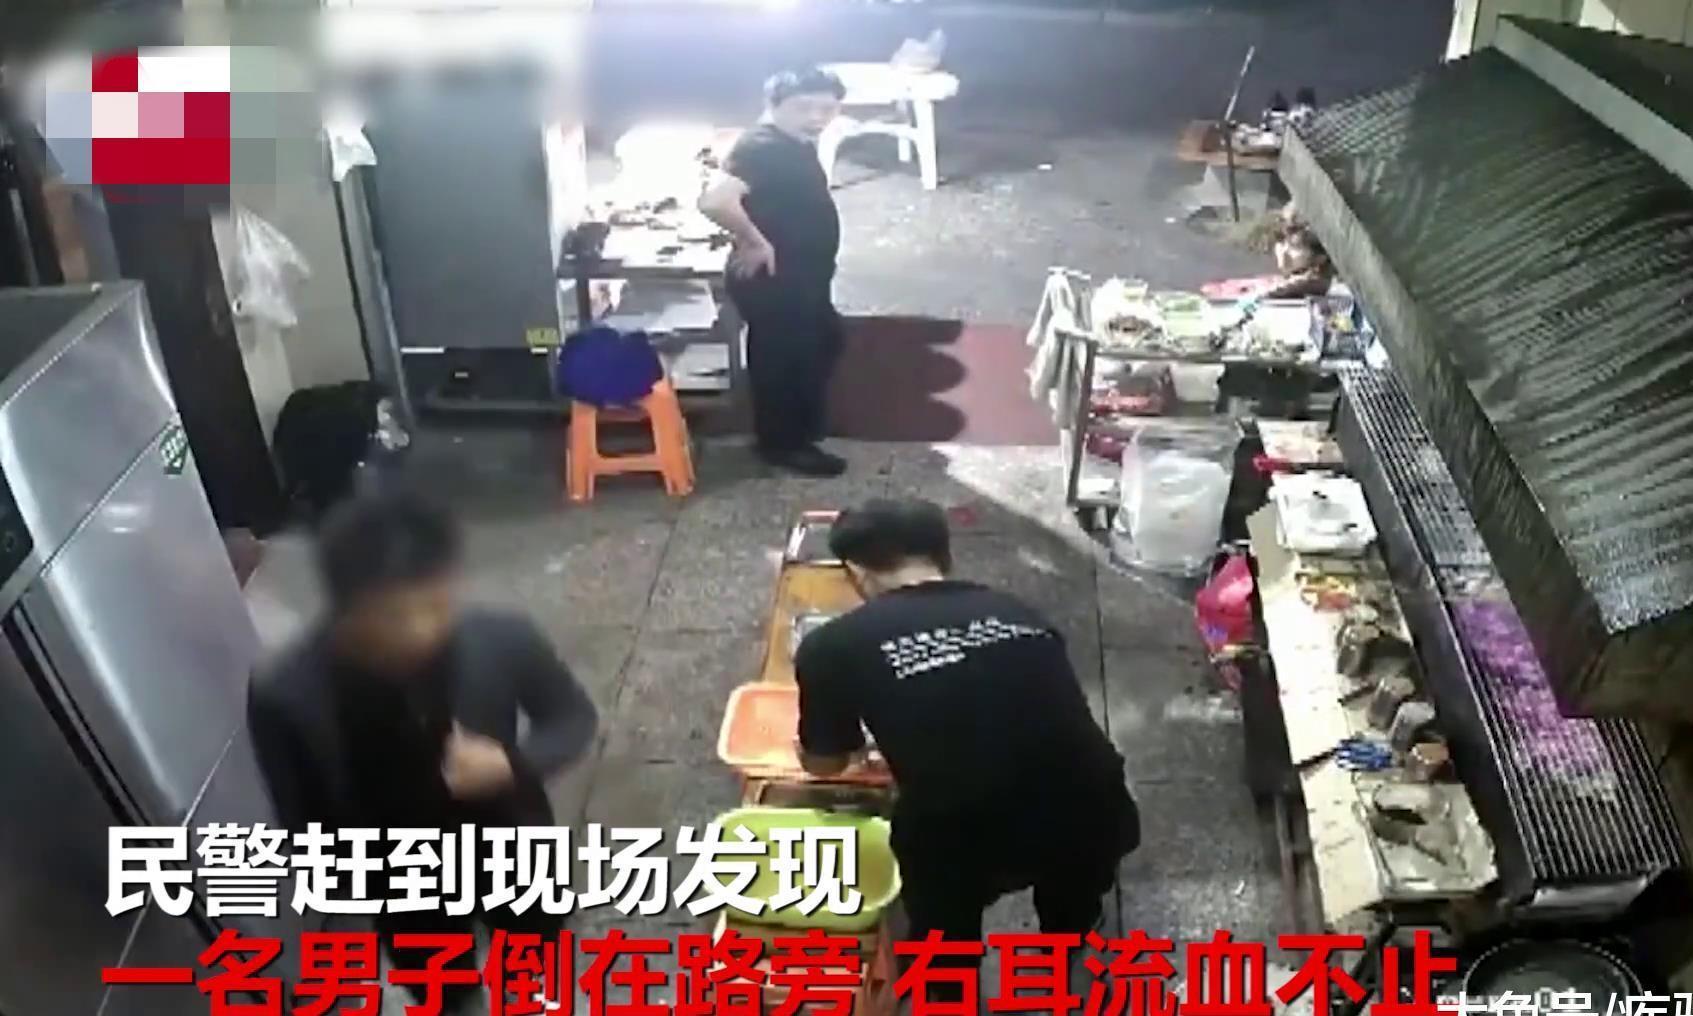 浙江杭州:余杭南苑近日发生一起事件,持刀伤人男子已被拘留10日